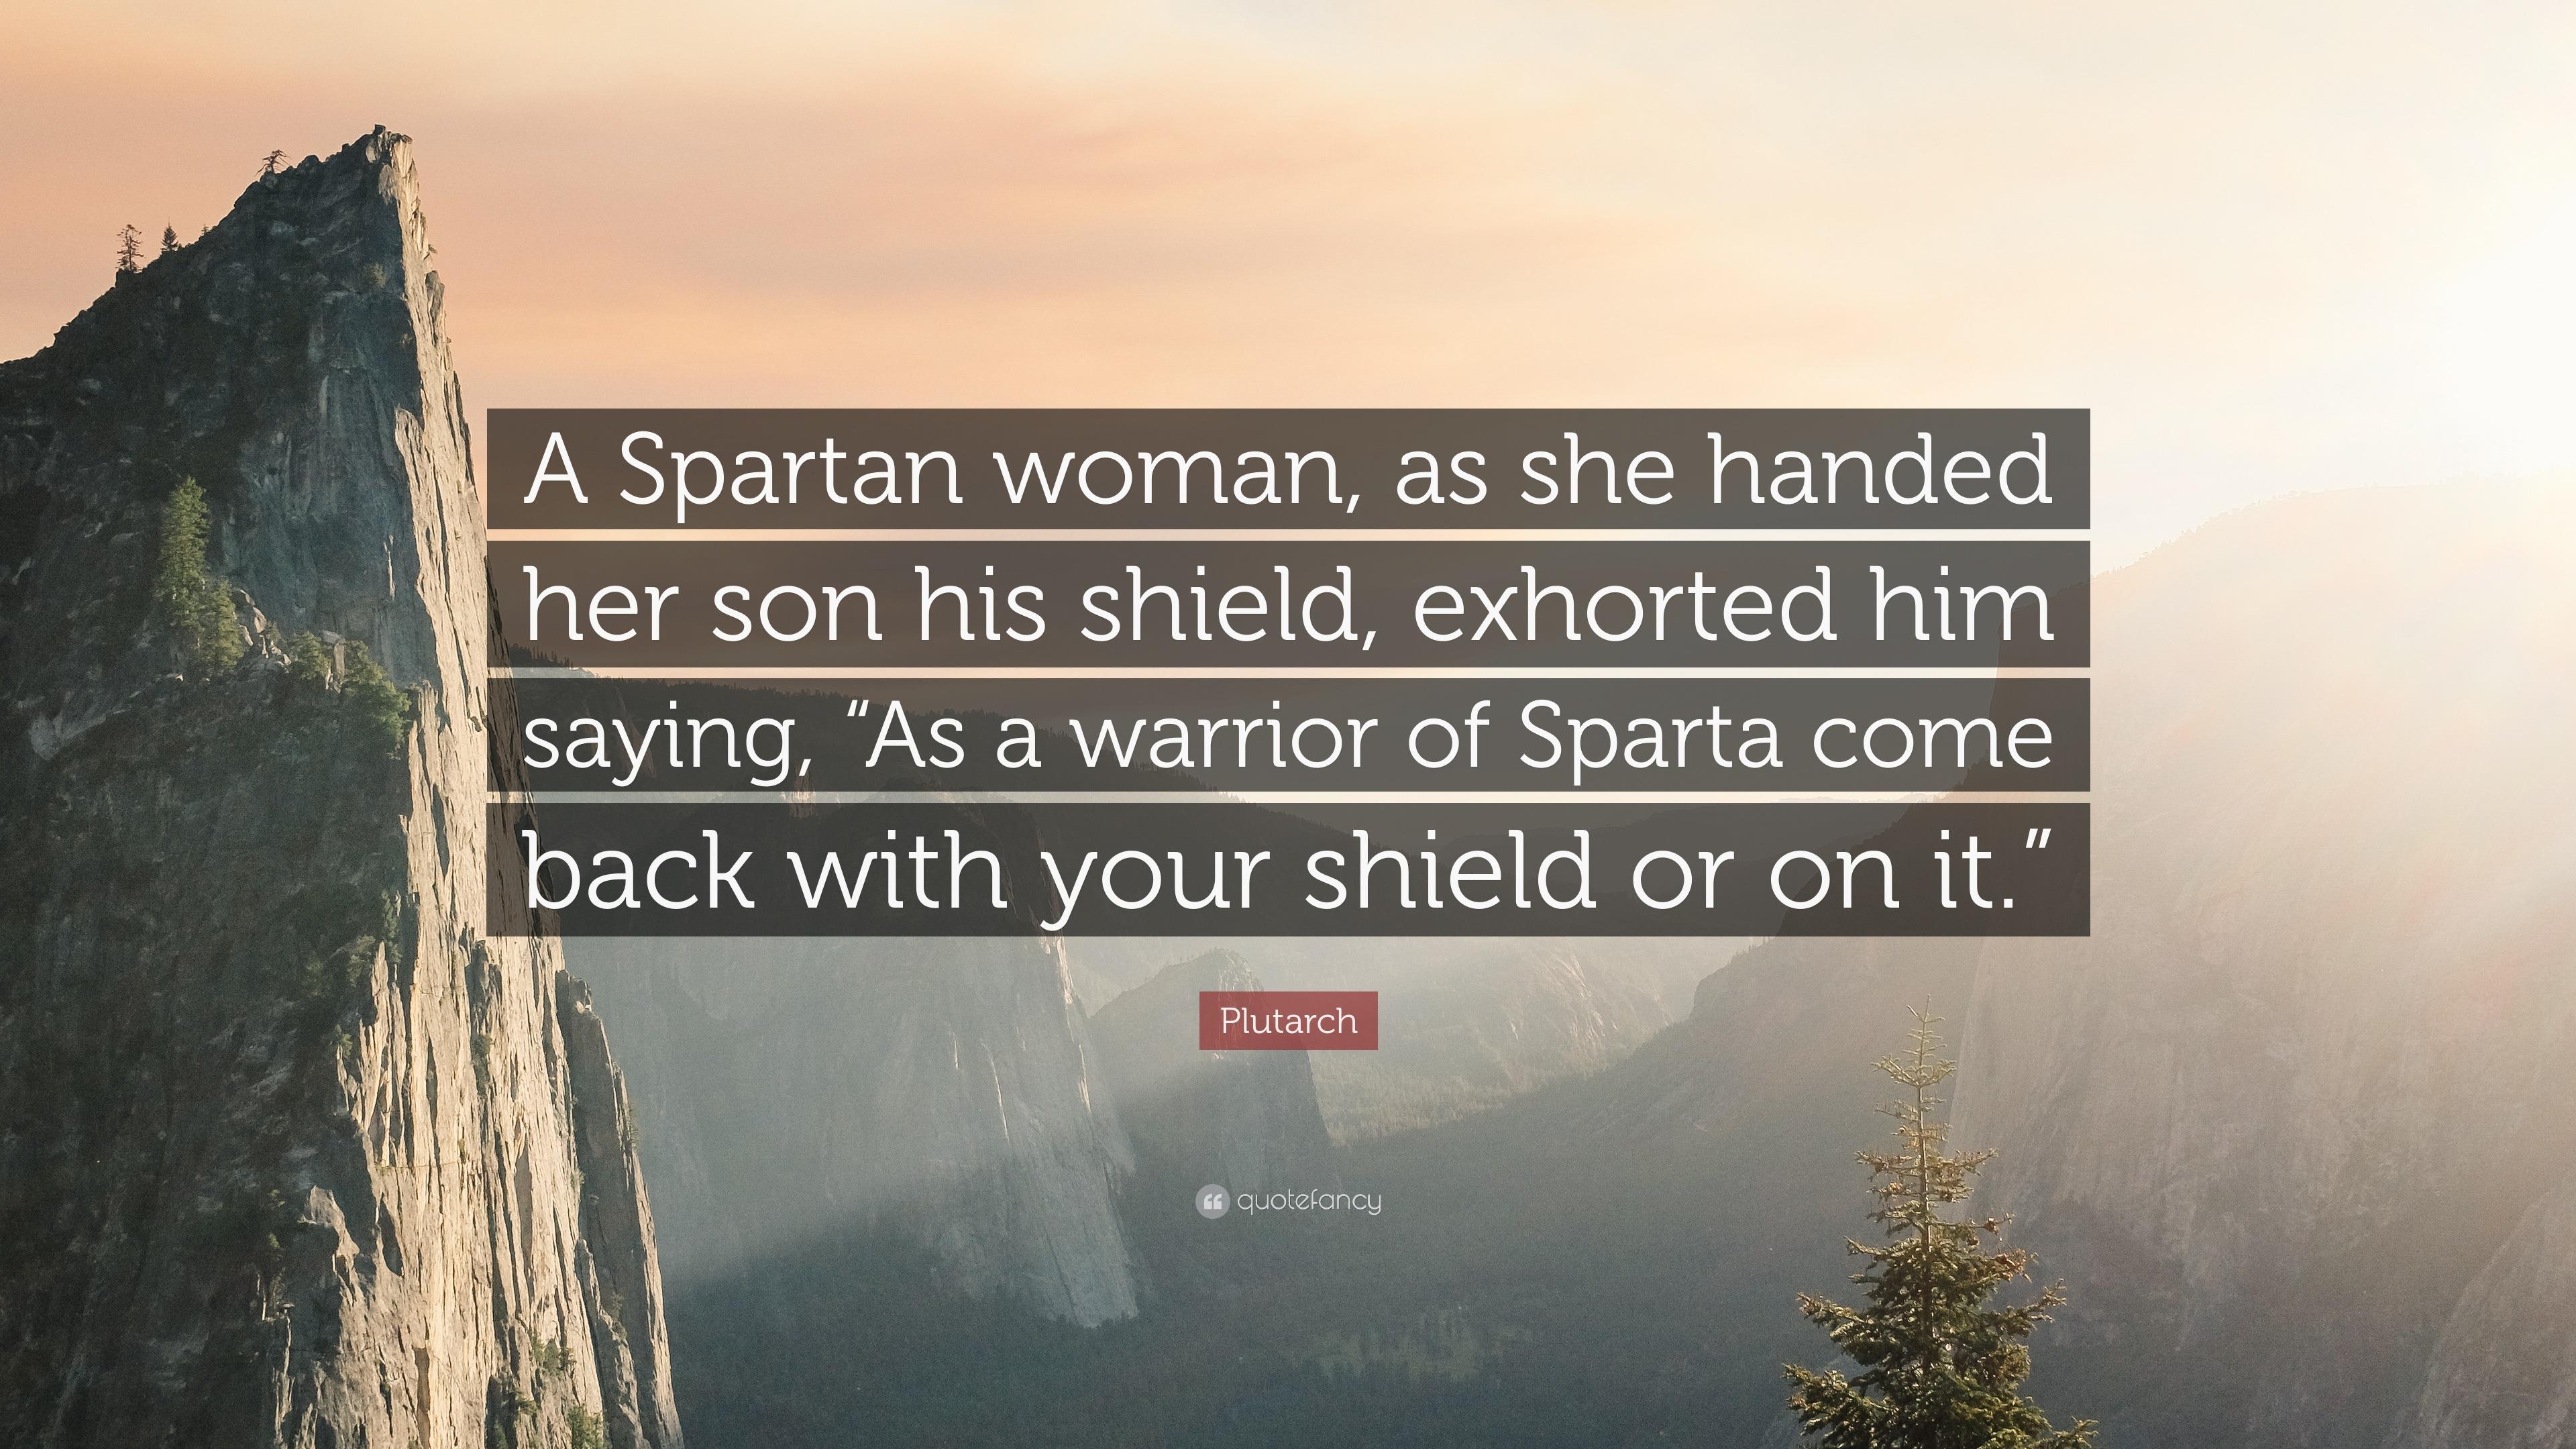 Plutarch Spartan